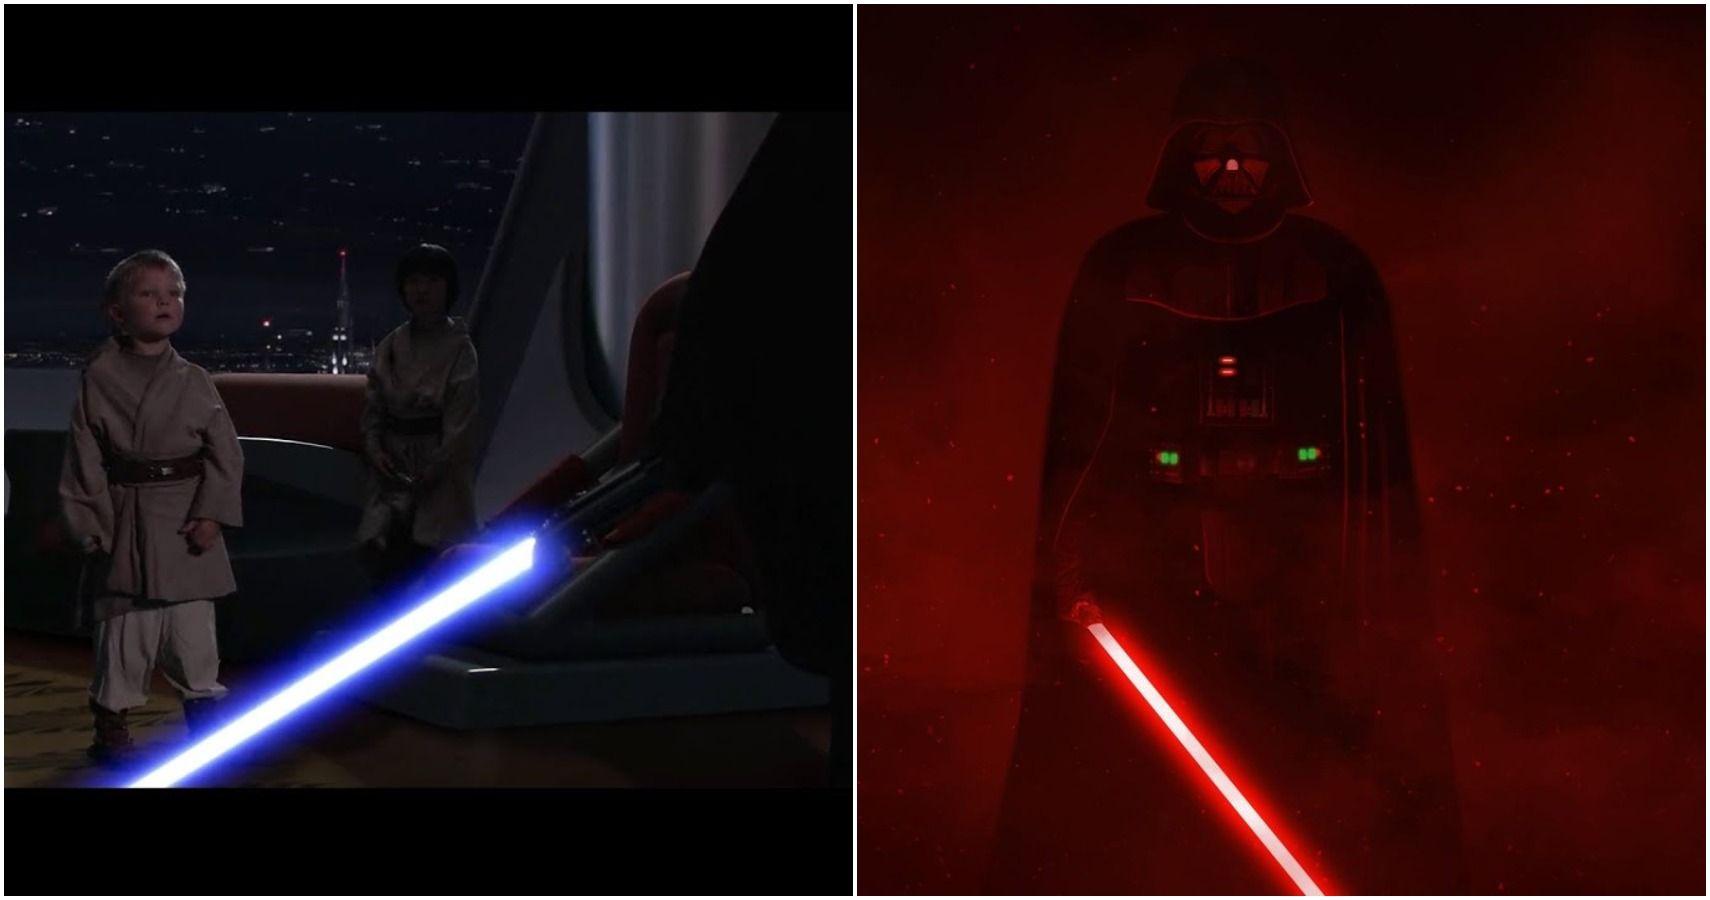 Geiler Darth Vader Zerfickt Schlampe